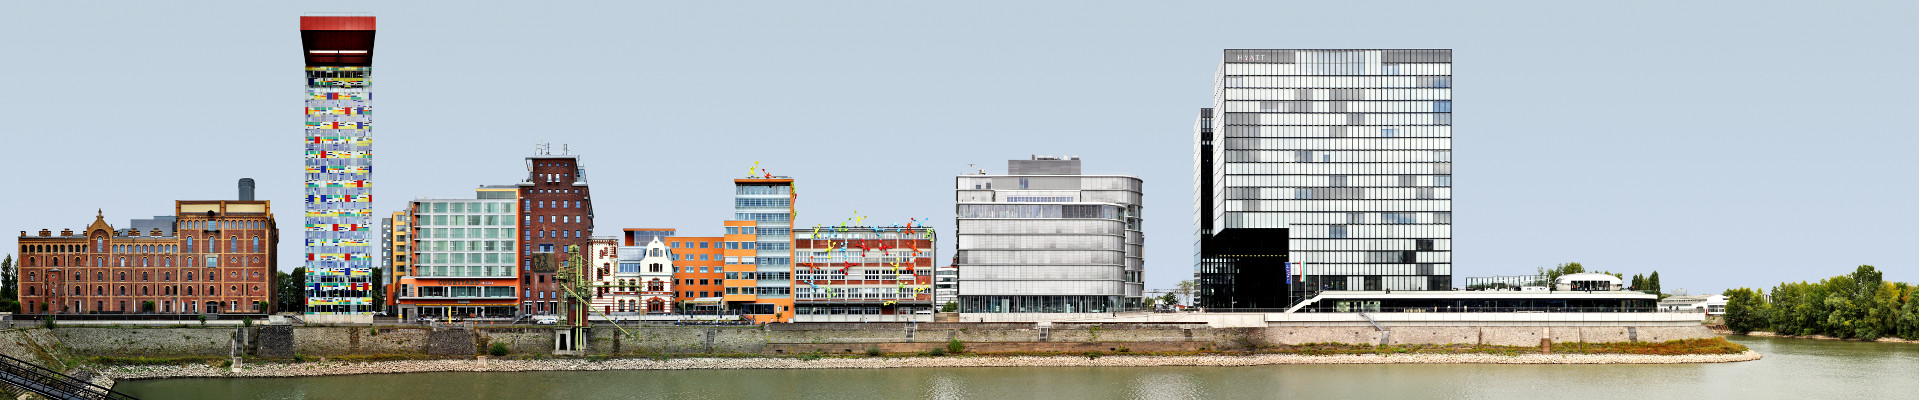 Medienhafen • Duesseldorf • Germany